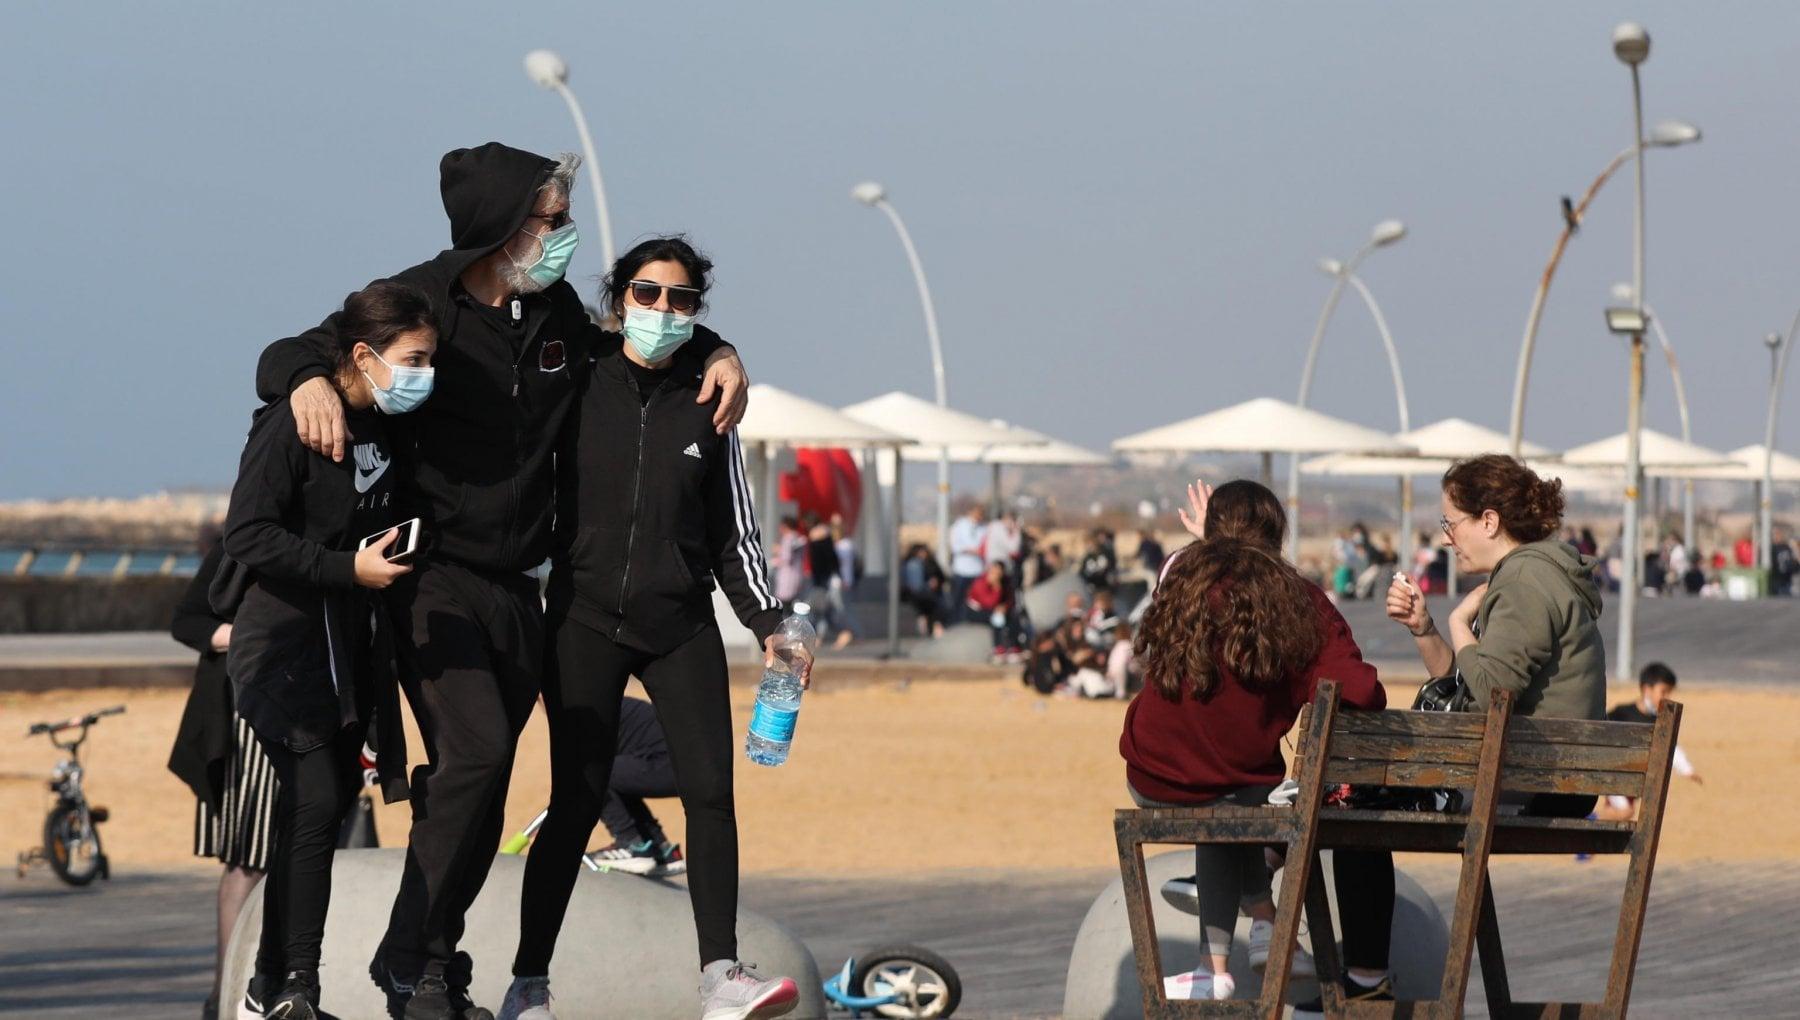 194525432 3d074928 29dd 4747 9149 8c2733e4de65 - Coronavirus, Israele allenta il lockdown dopo cinque settimane